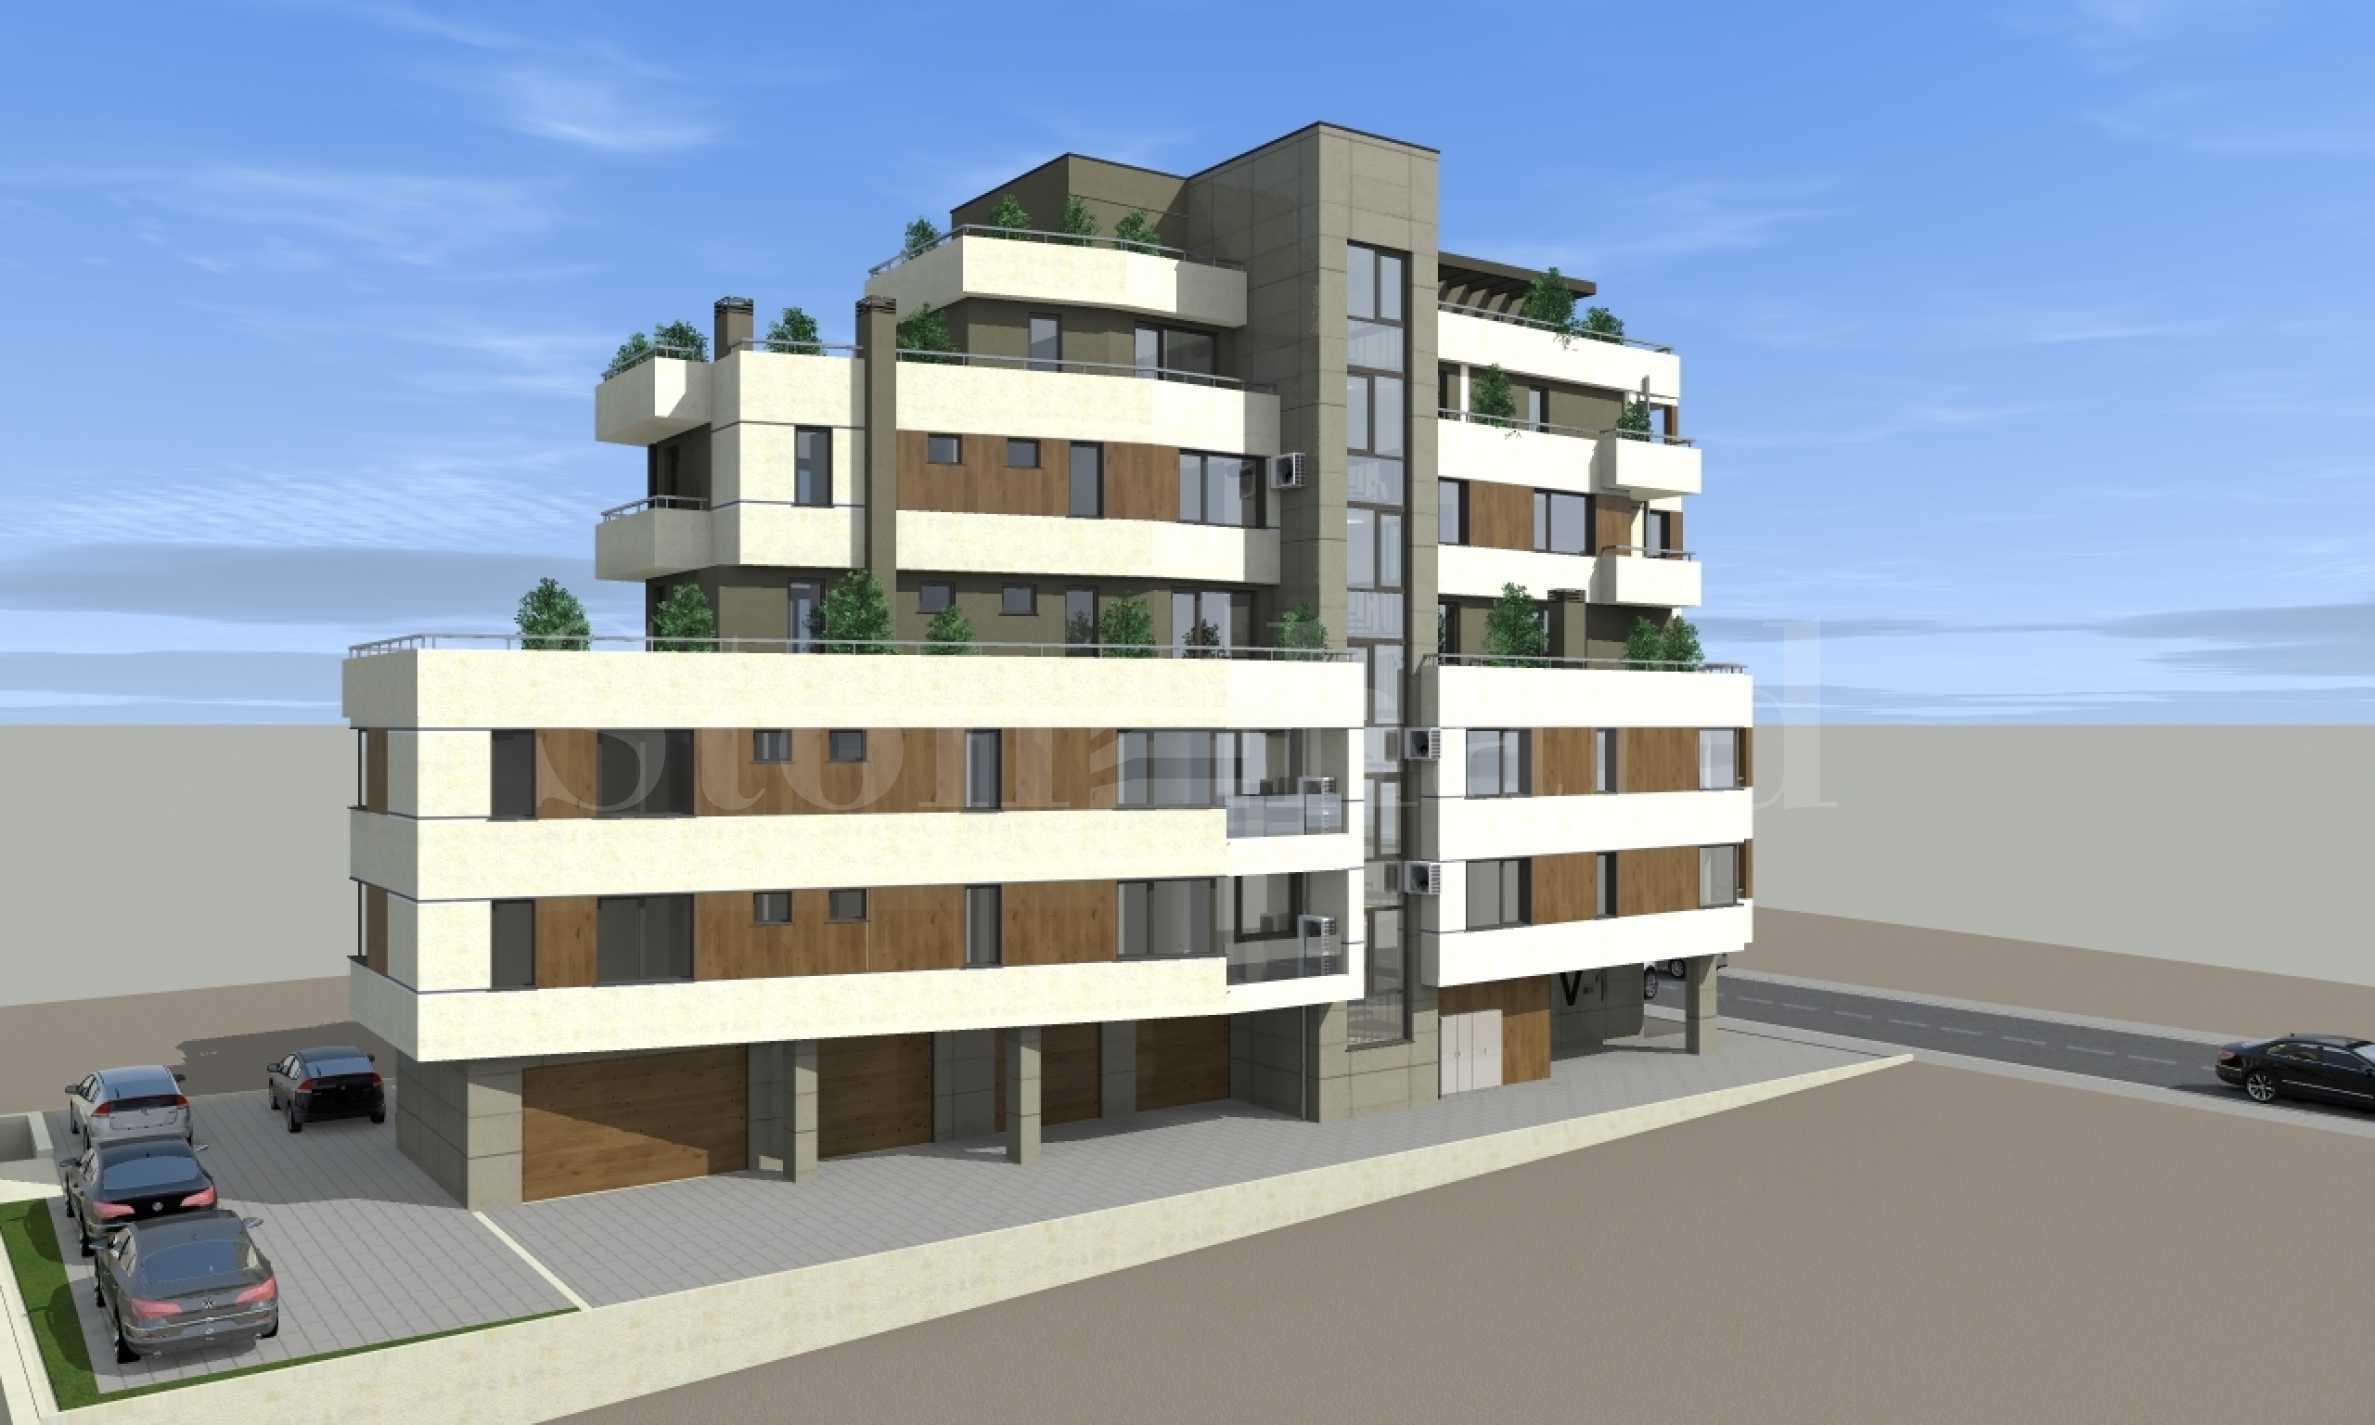 Последни двустайни апартаменти в ефектна сграда с модерна визия2 - Stonehard